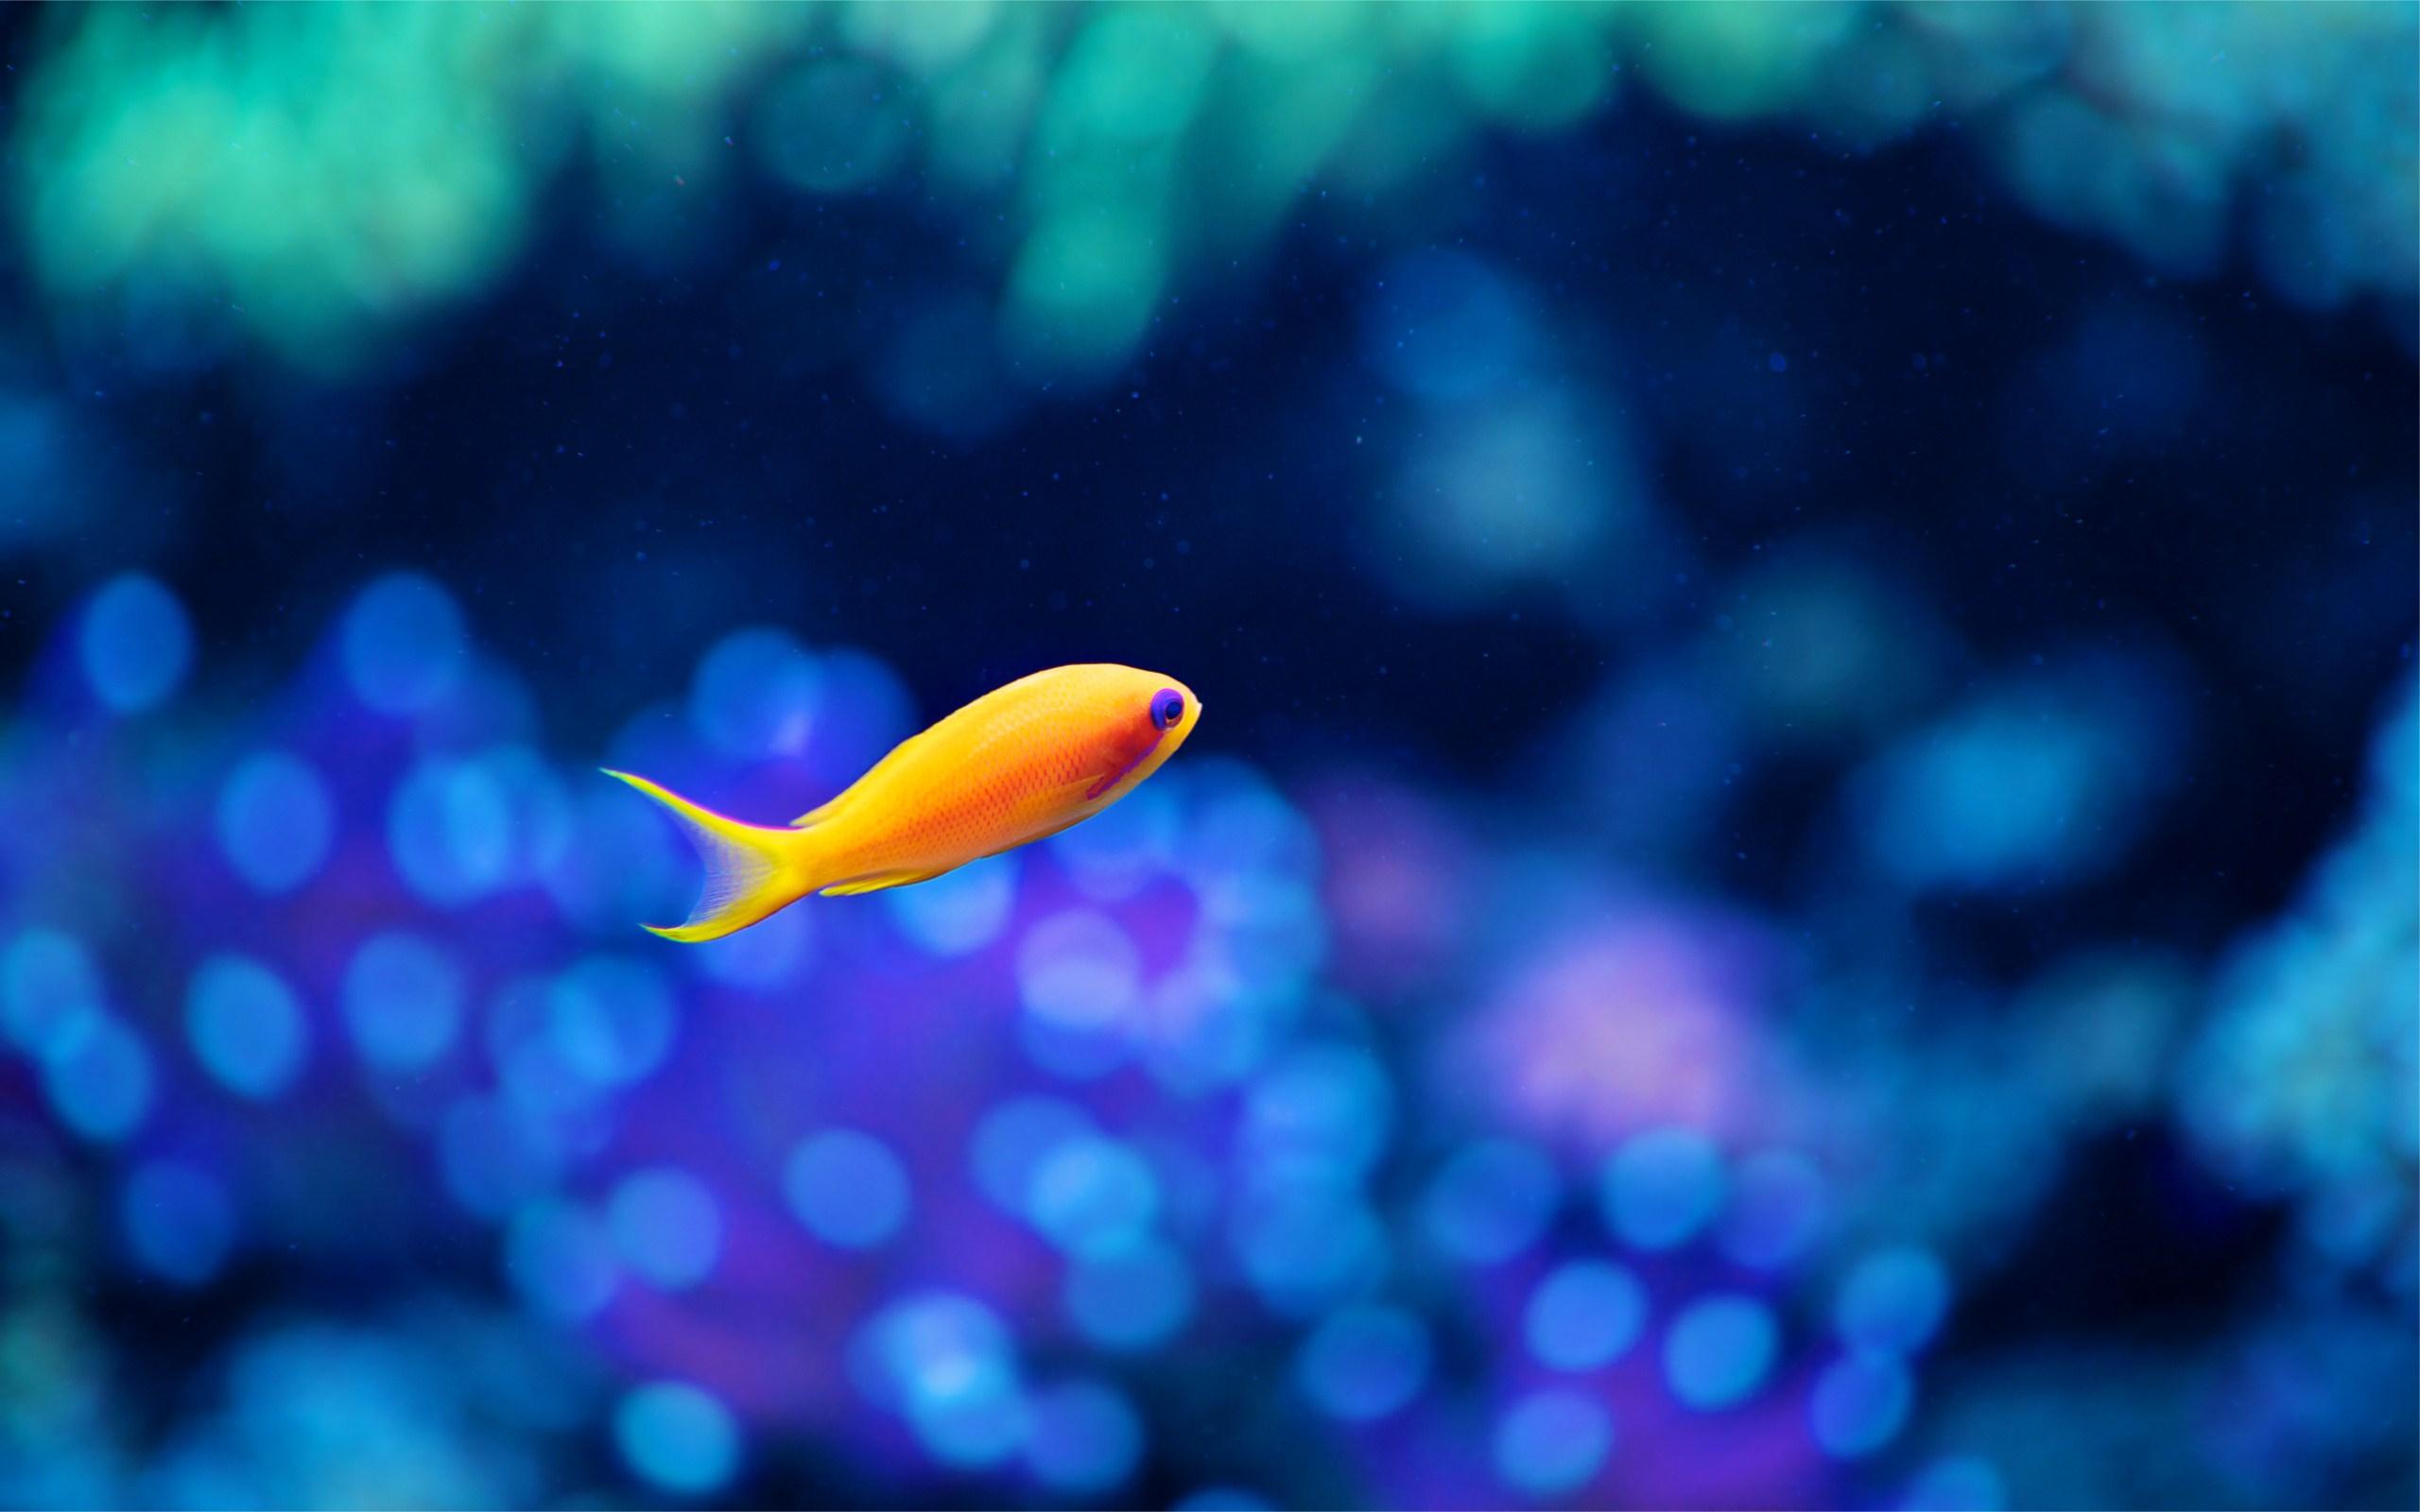 cute fish wallpaper 22319